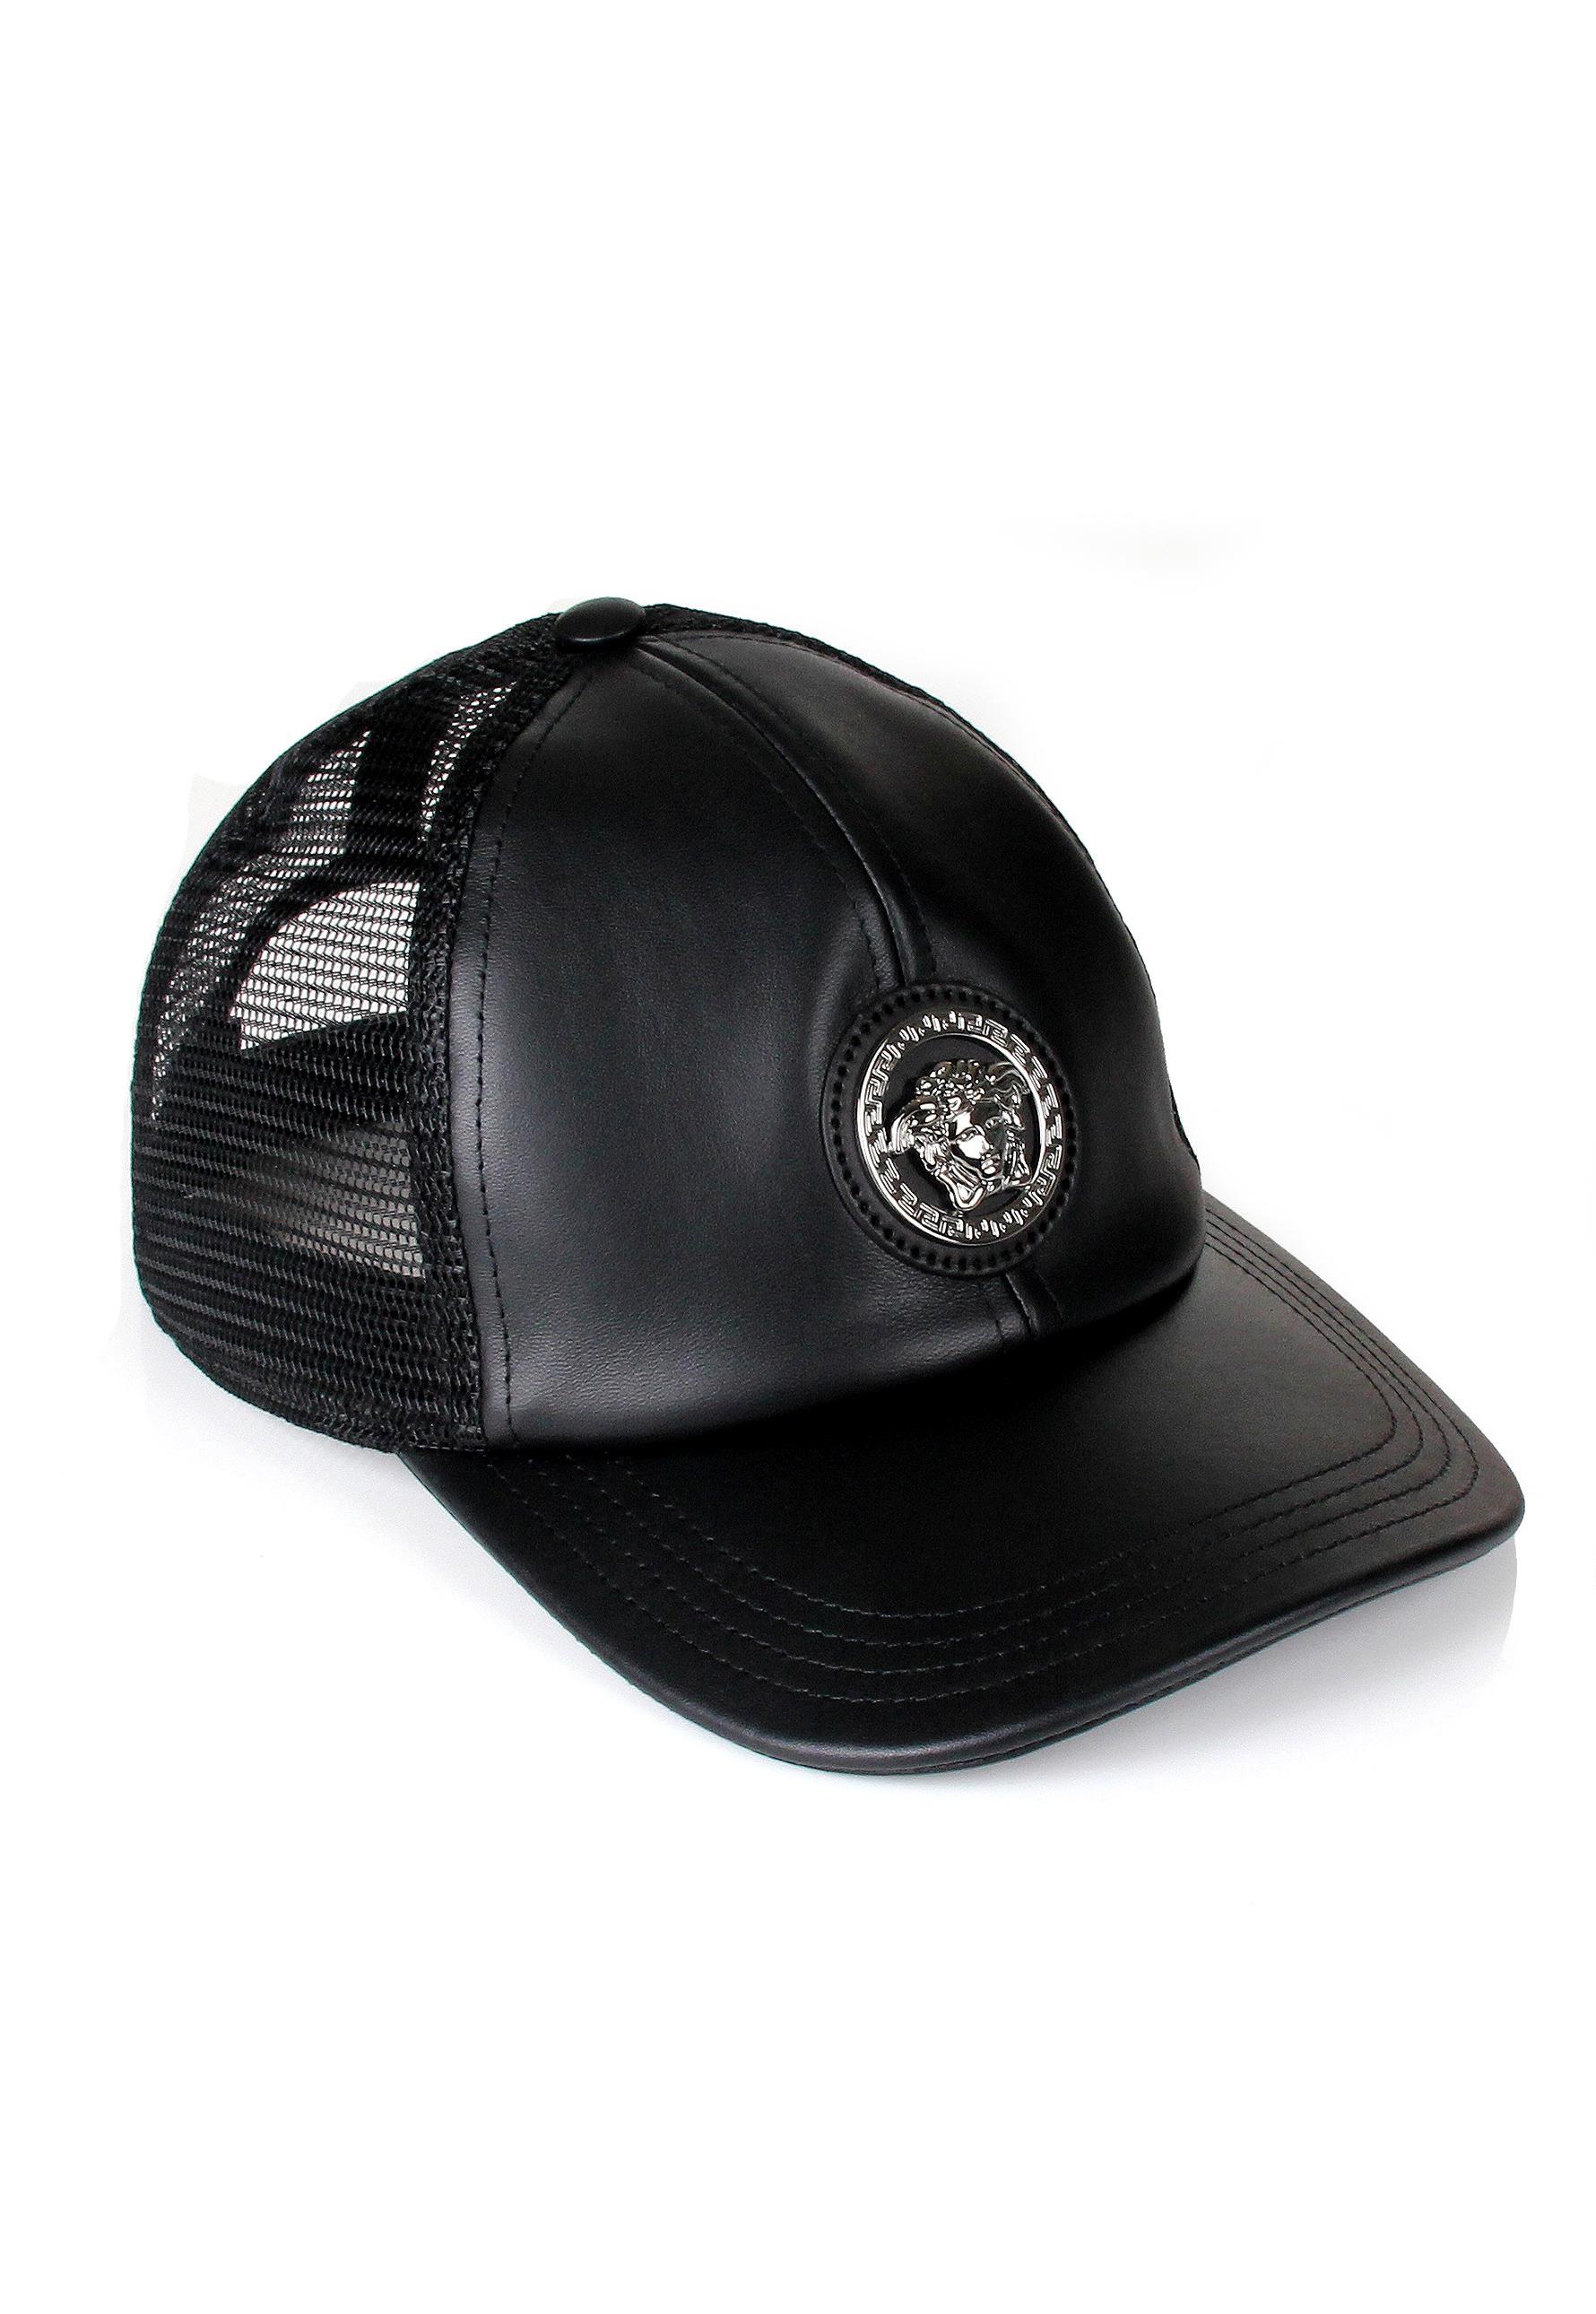 6e9426bc australia lyst versace medusa trucker cap black in black for men 72838 a811d